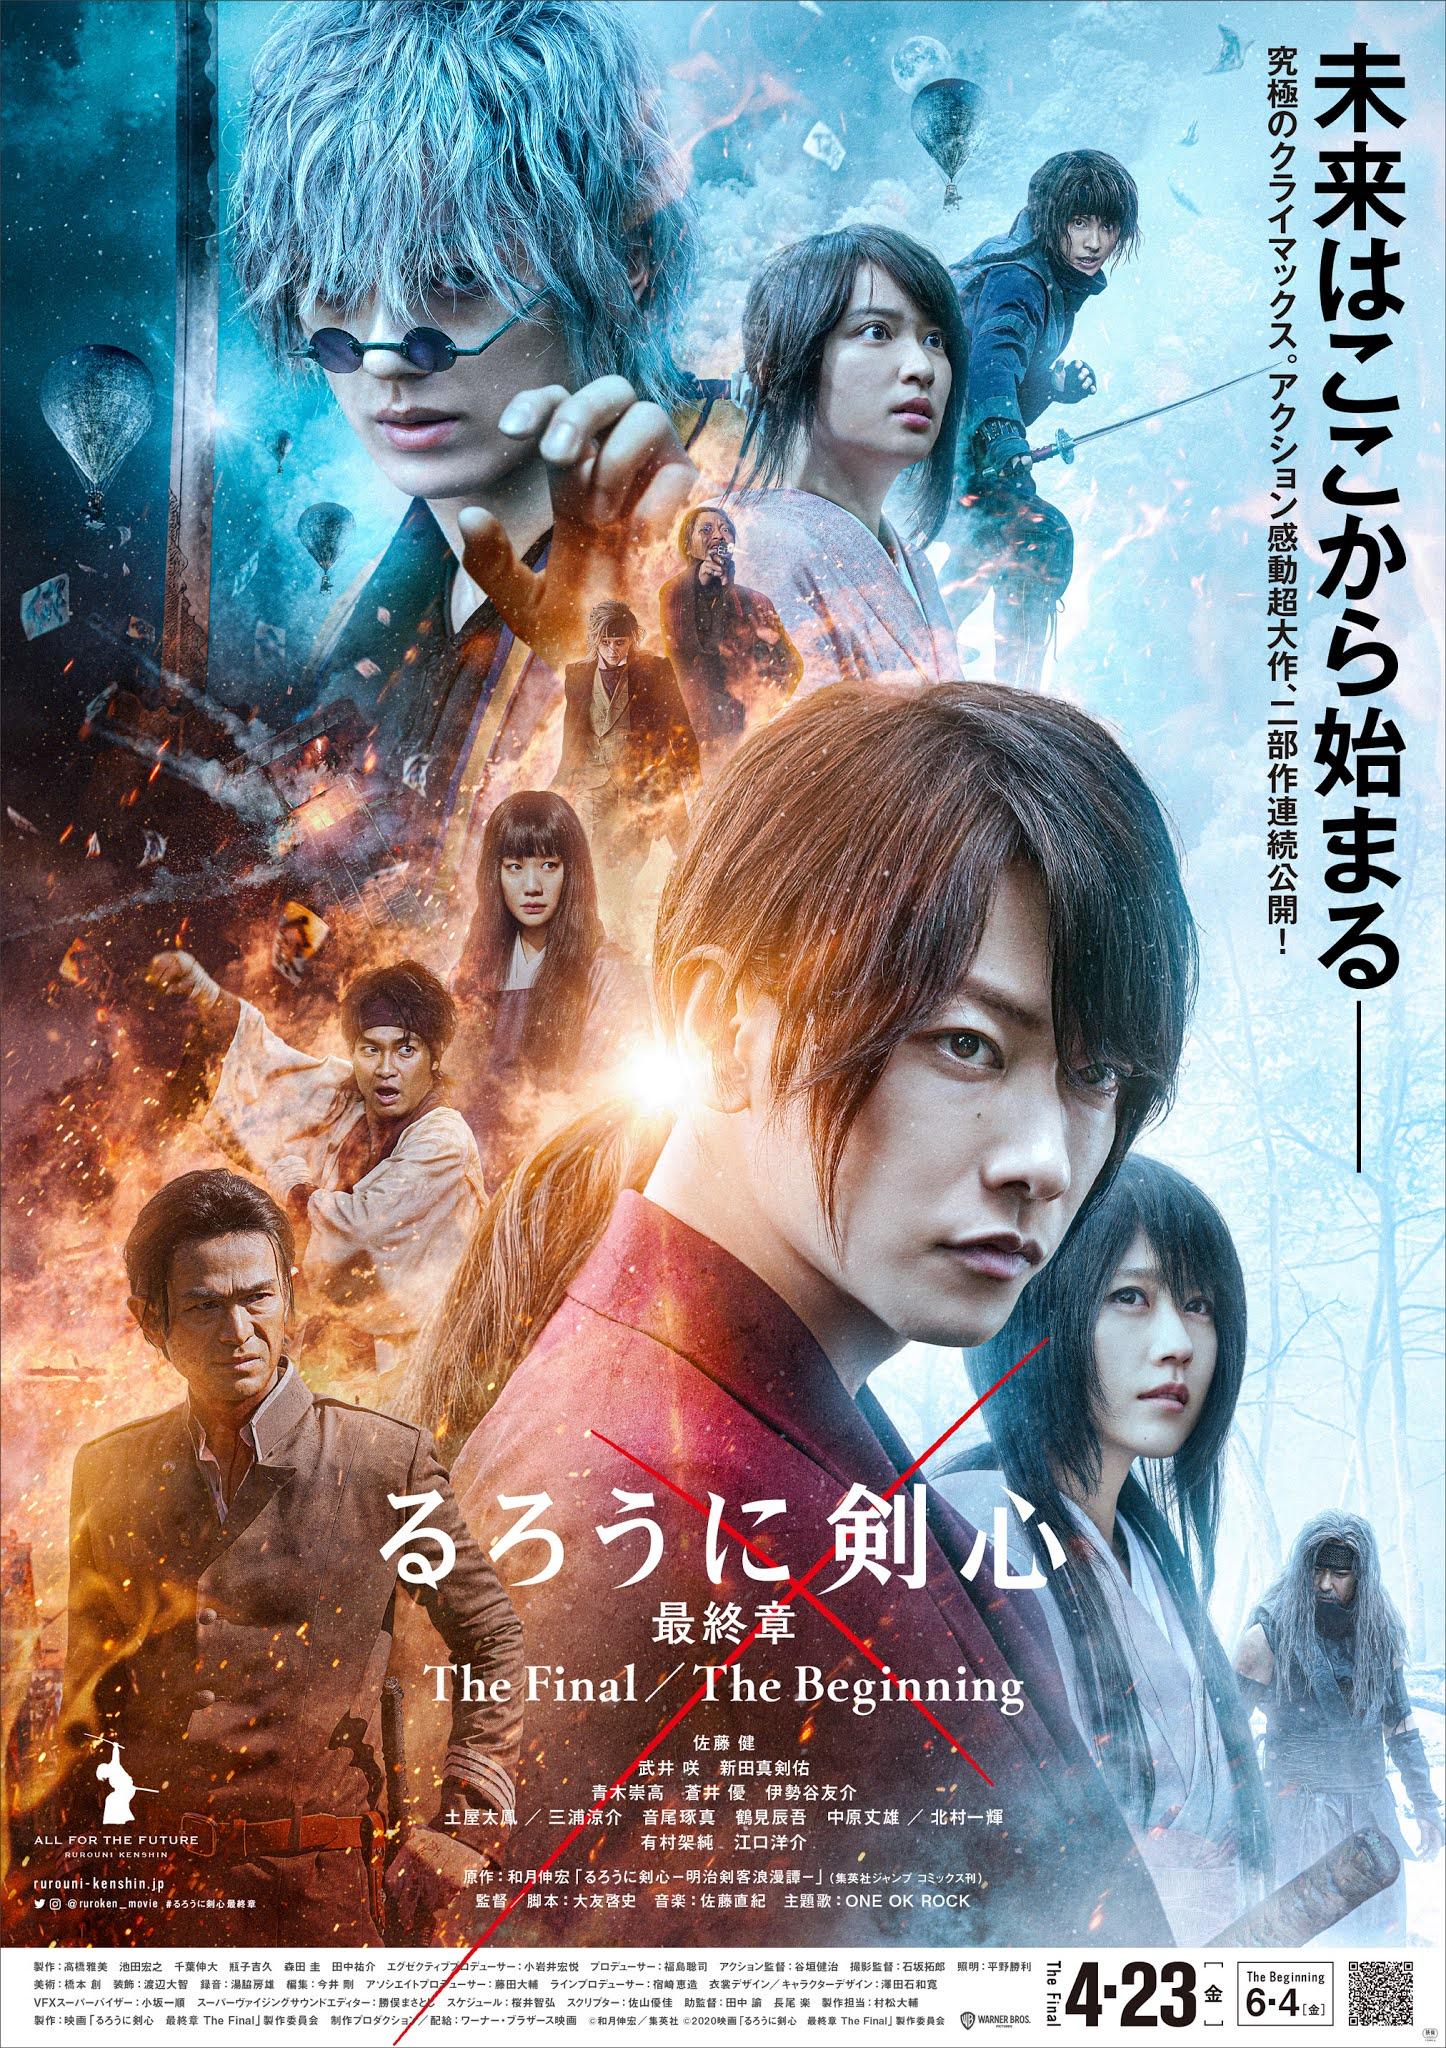 Review Rurouni Kenshin The Final